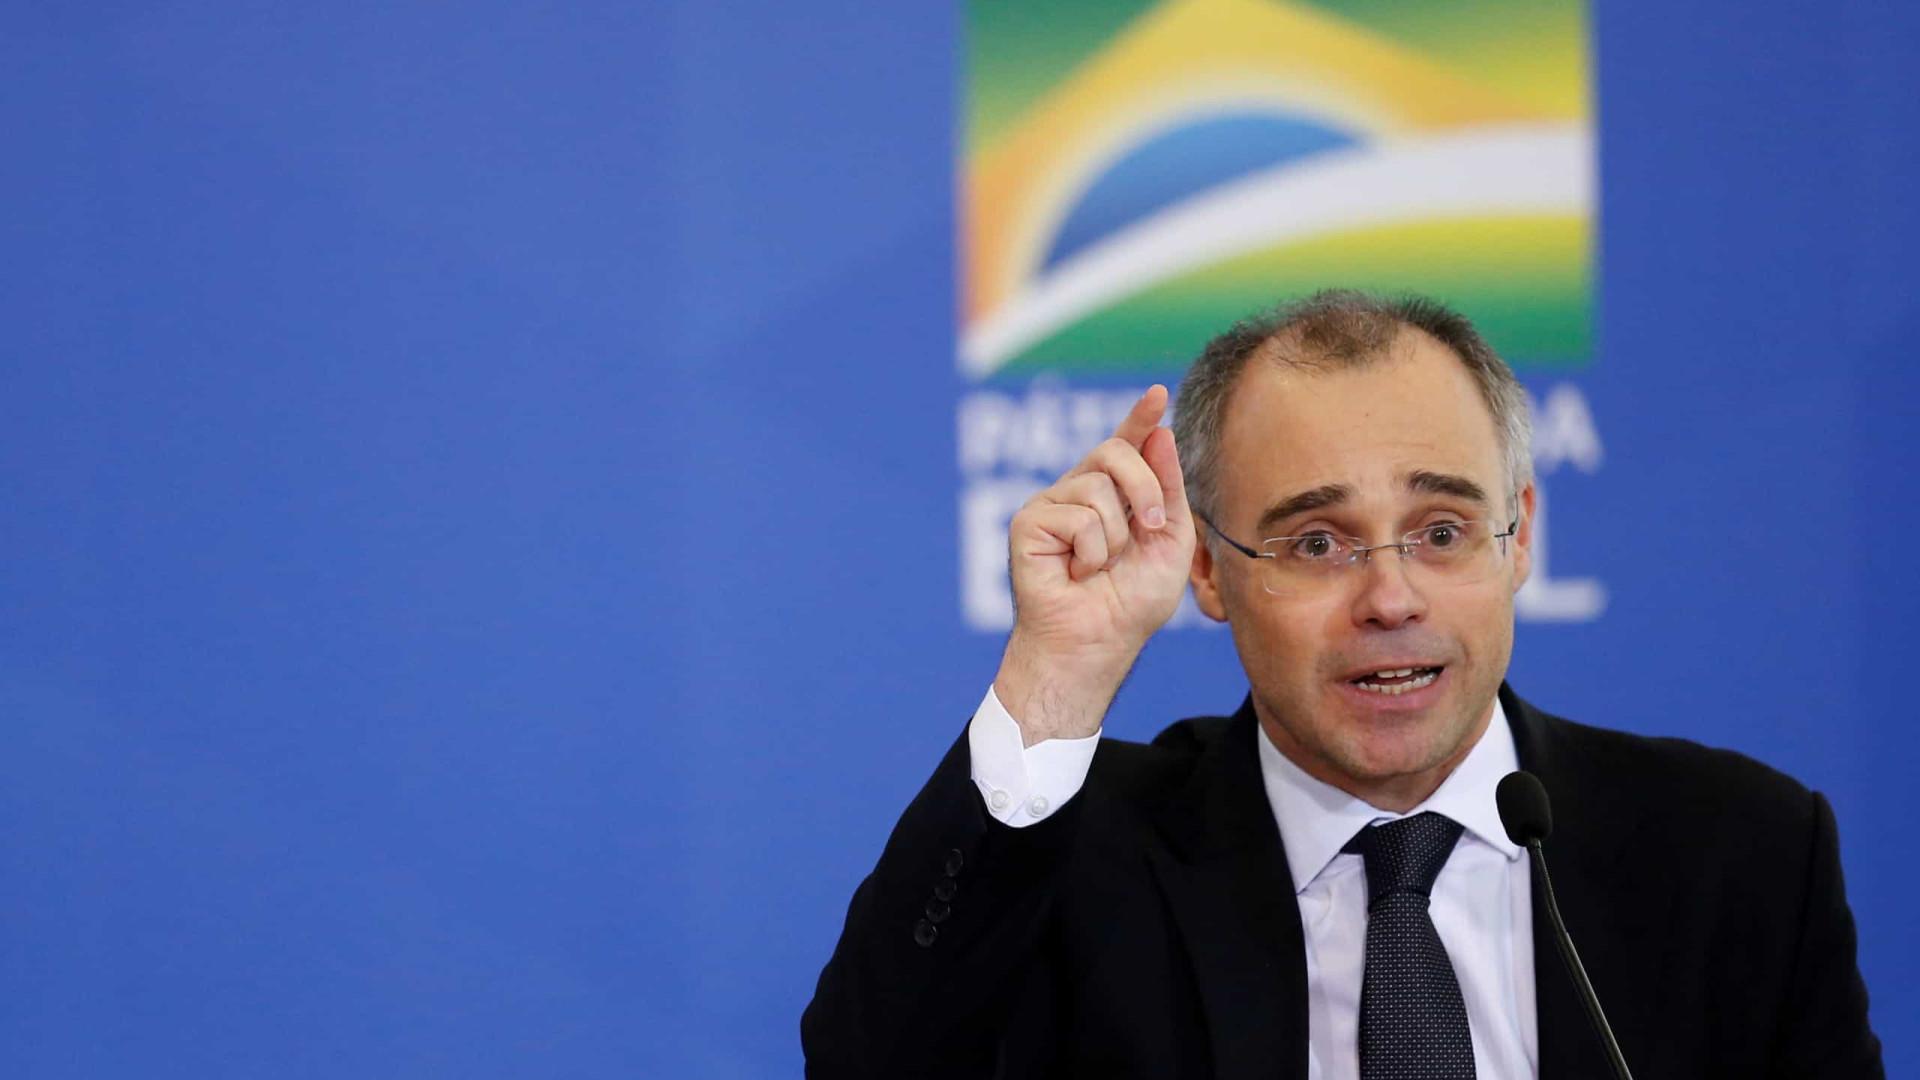 Ministro admite 'relatório' de opositores